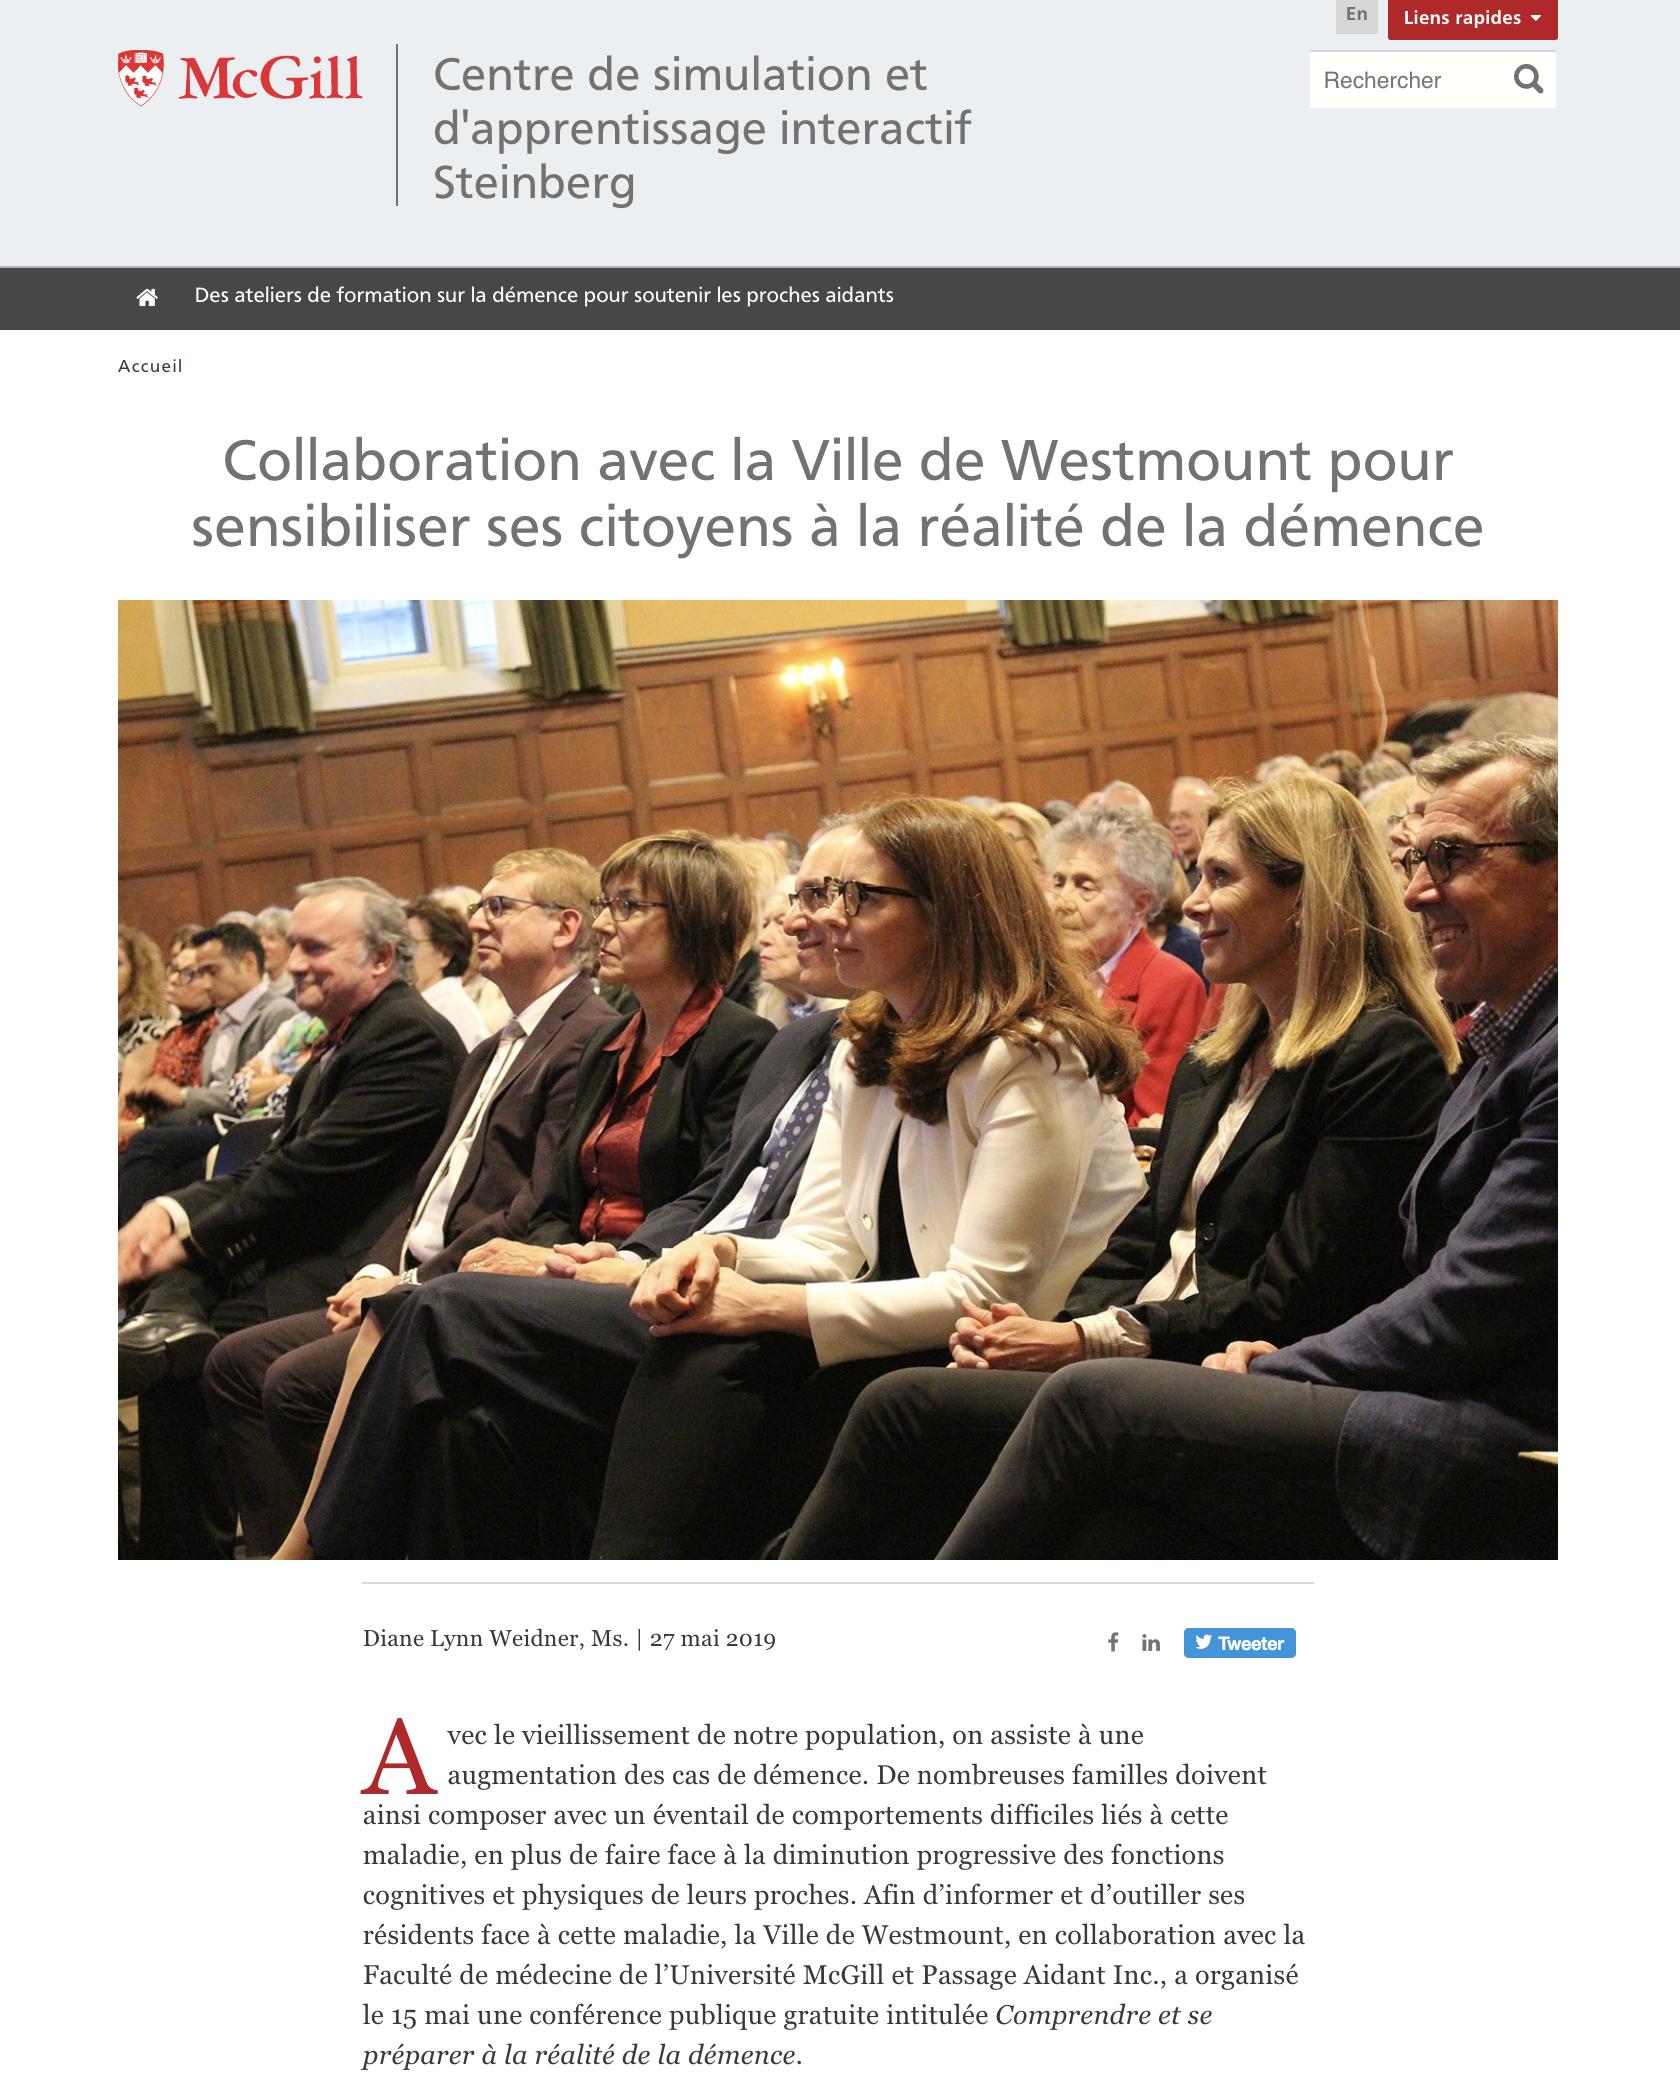 McGill - Collaboration avec la Ville de Westmount pour sensibiliser ses citoyens à la réalité de la démence